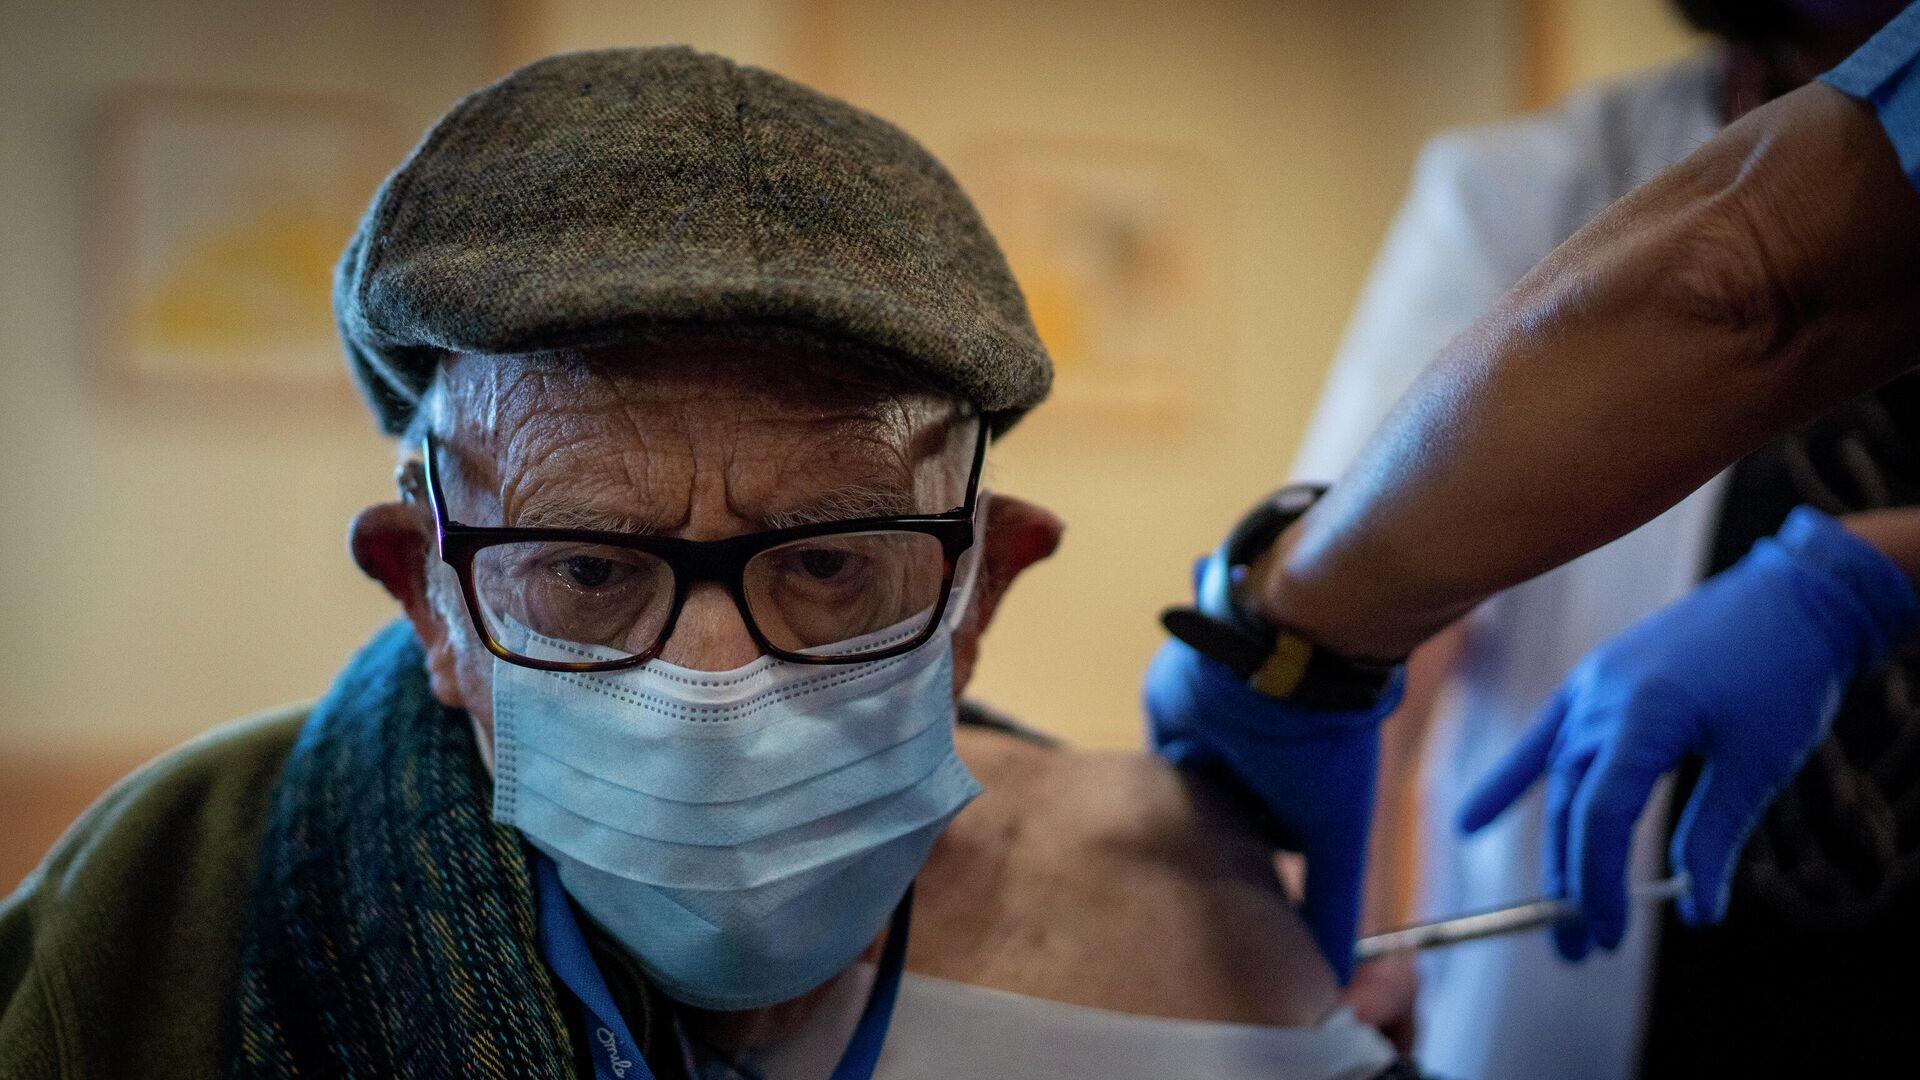 Una enfermera administra la vacuna contra el coronavirus a un anciano de una residencia en Barcelona. 2 de febrero de 2021 - Sputnik Mundo, 1920, 05.10.2021